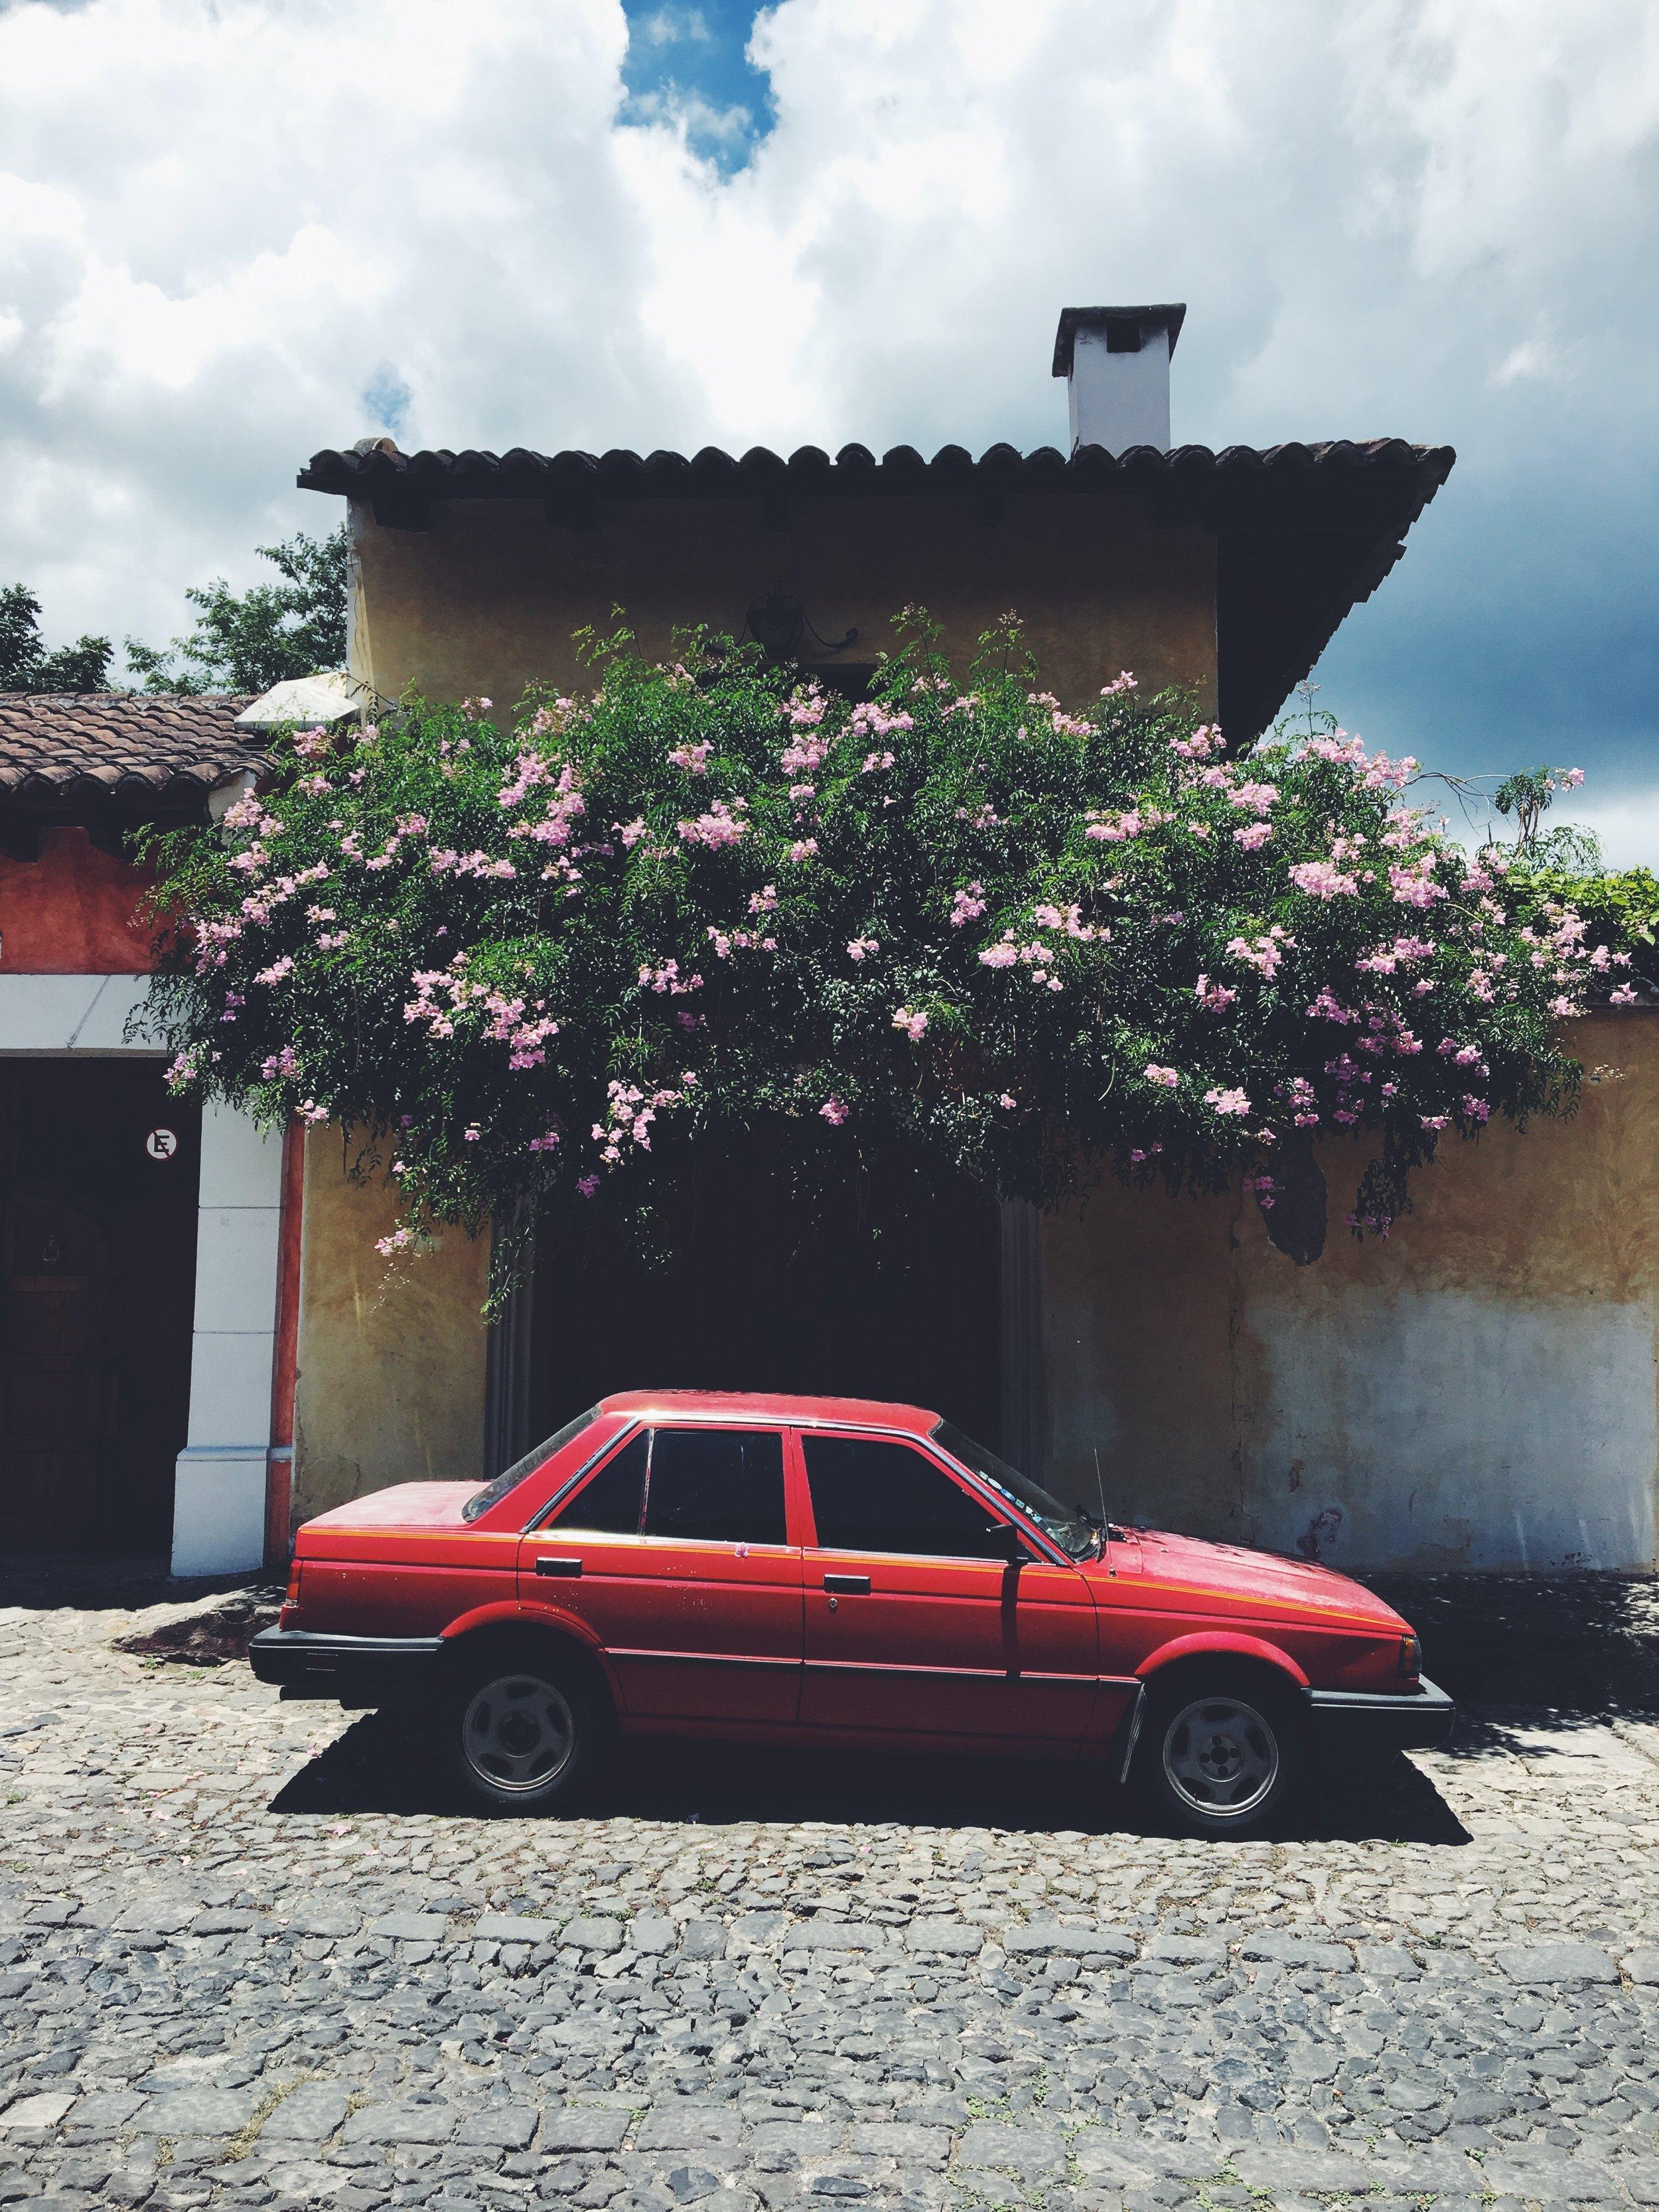 May 2019 in Antigua, Guatemala.